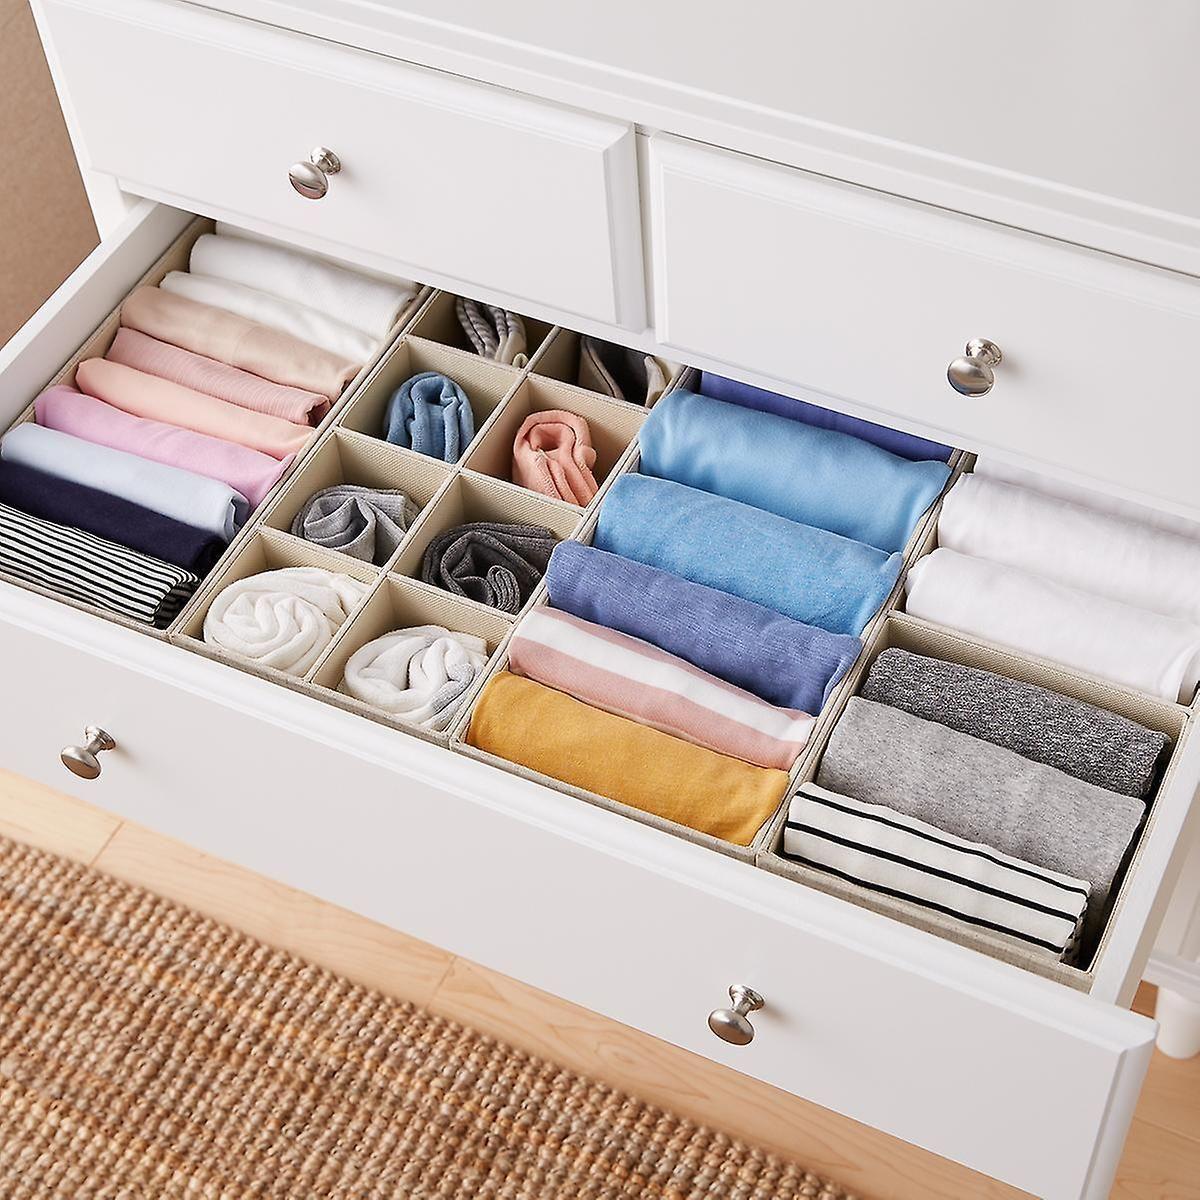 28 X 14 Linen Drawer Organization Starter Kit Organize Drawers